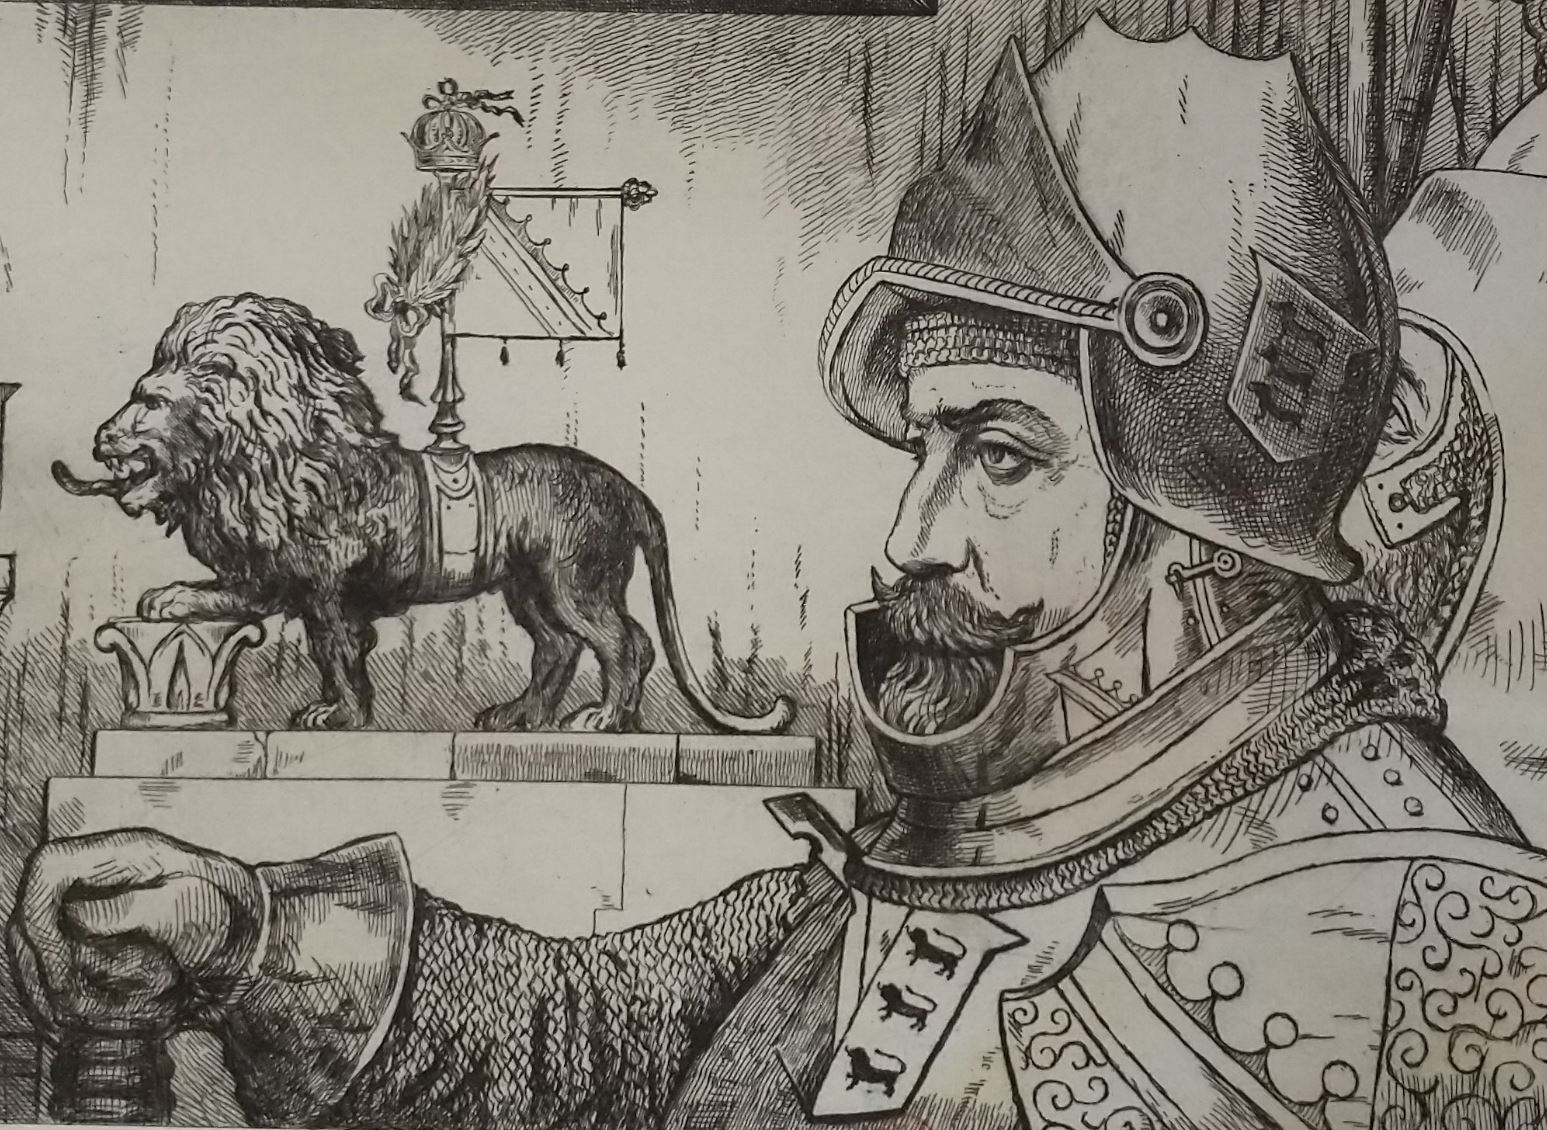 Leopold Armand Hugo BNF Chevalier aux lions detail 2